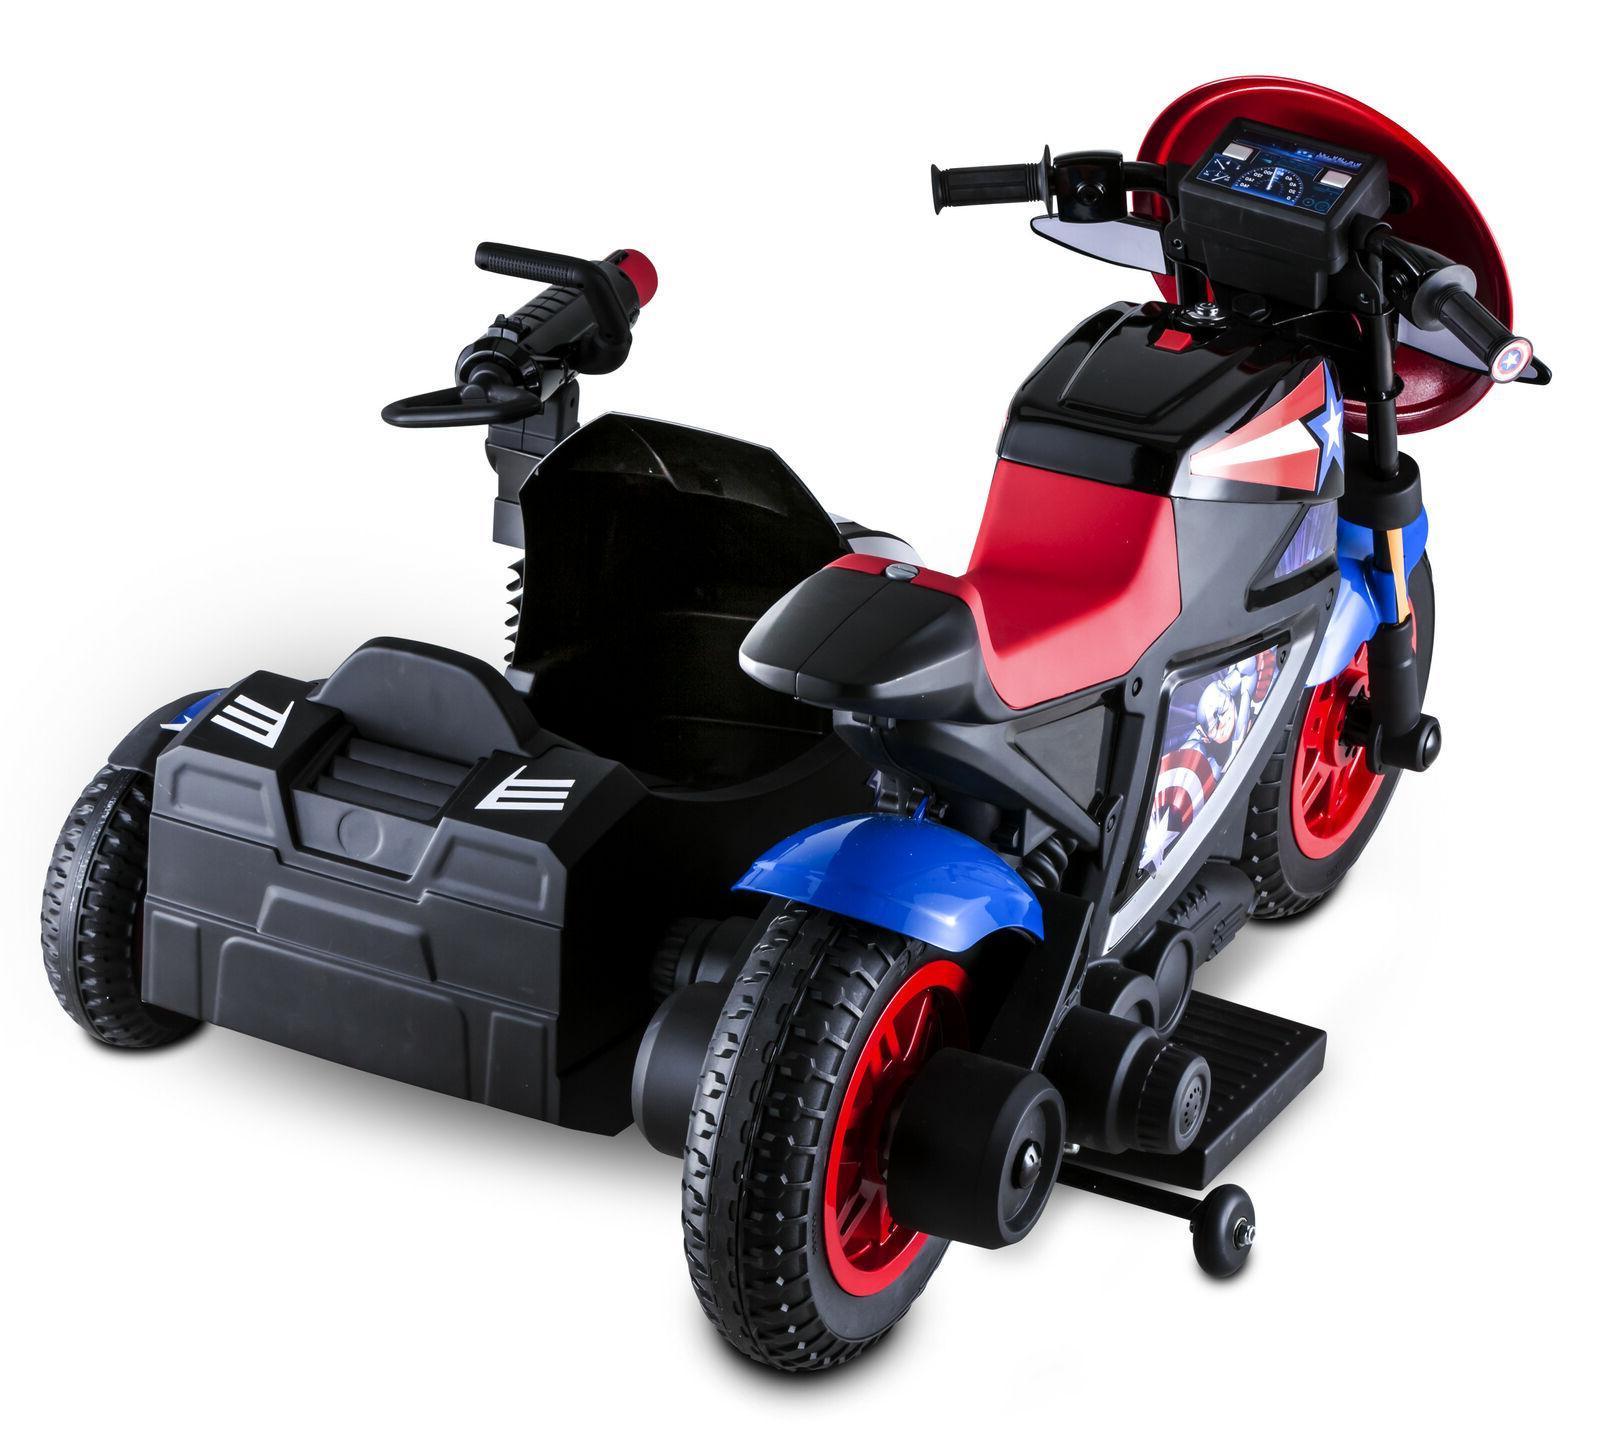 Captain America Motorcycle Kid Ride-On Toy Sidewalk Vehicle